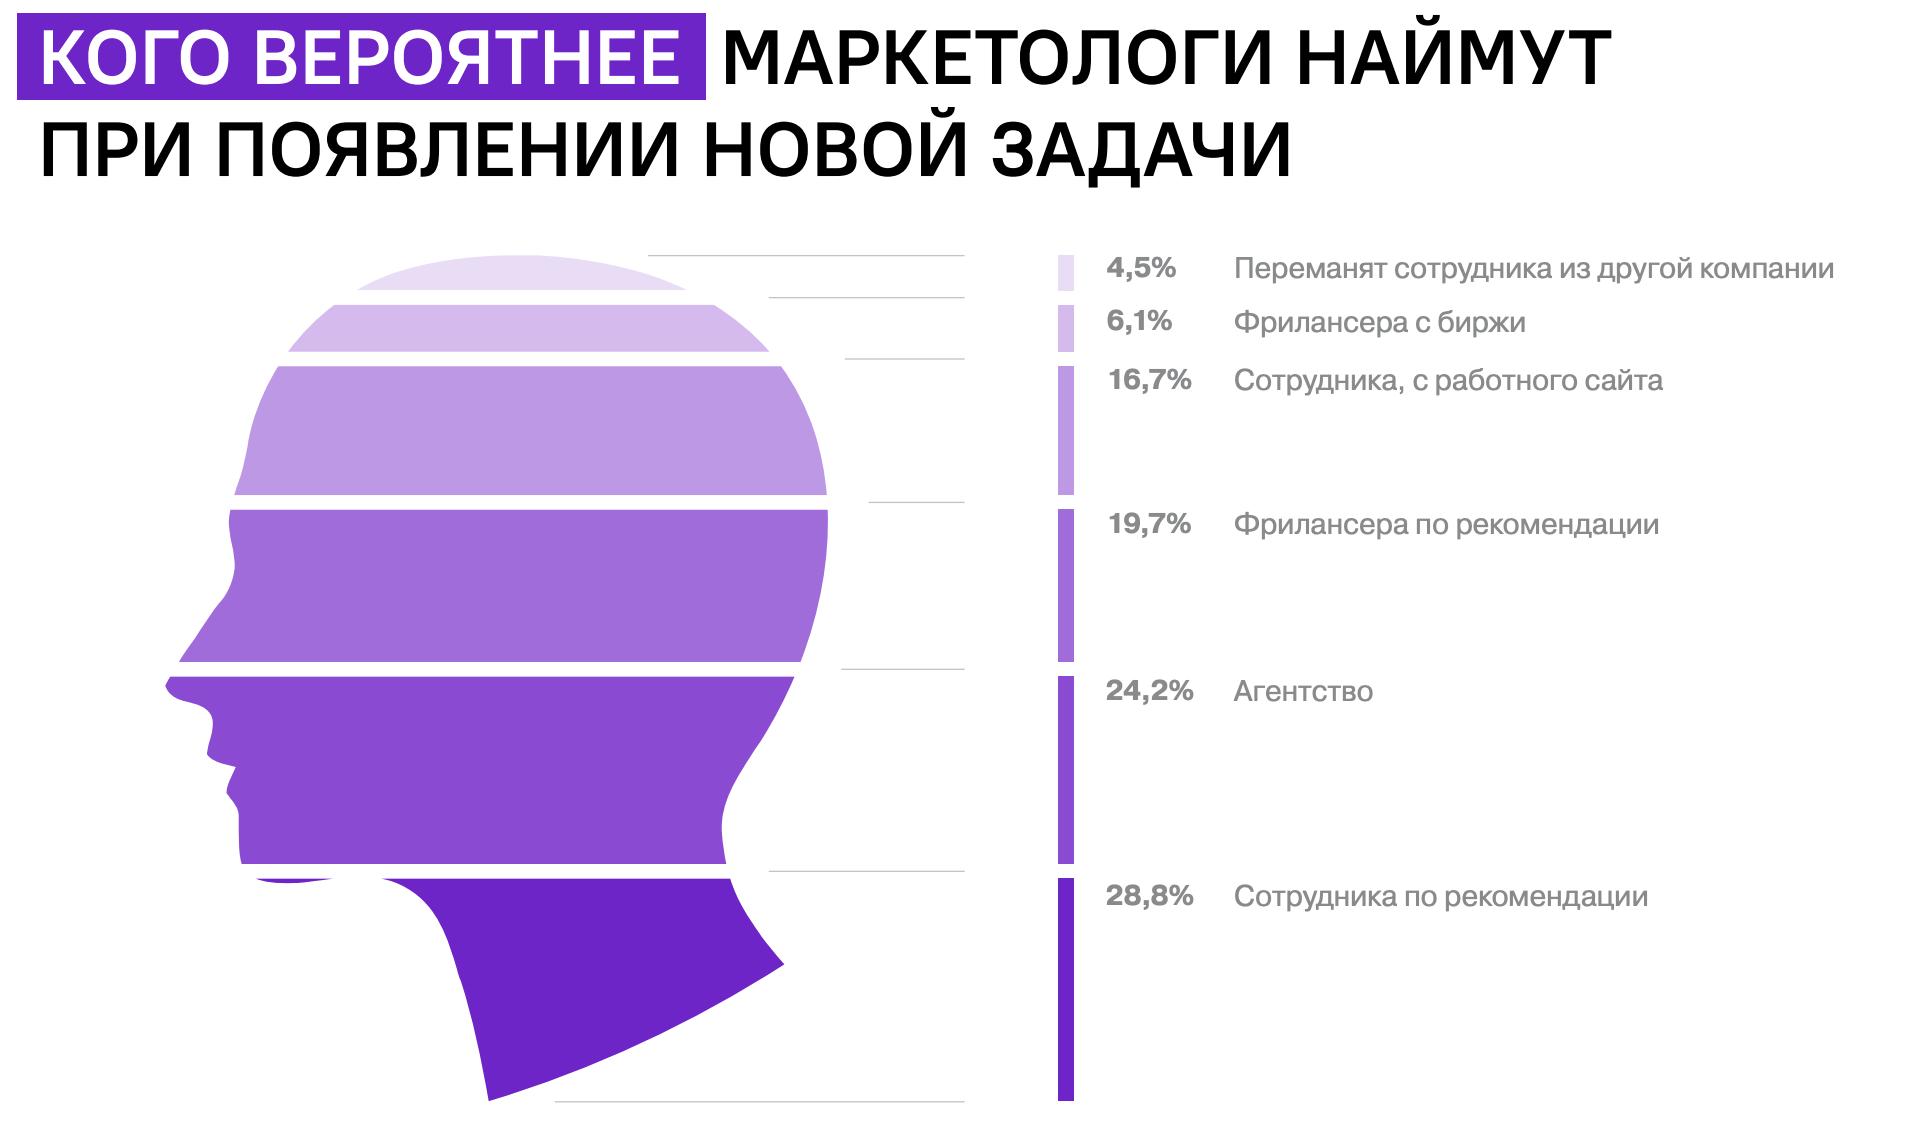 % от 47 опрошенных на глубинном интервью